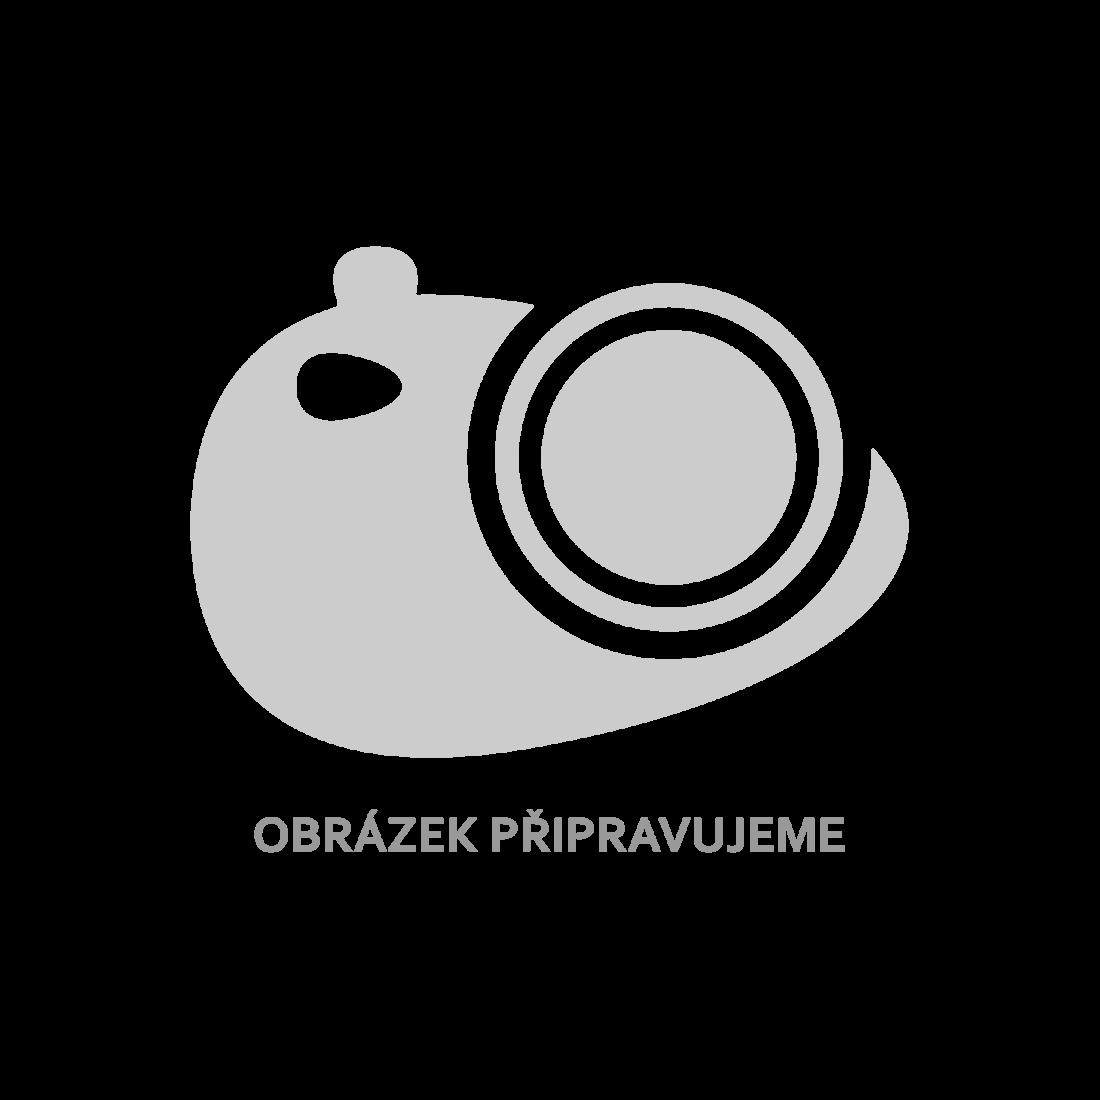 vidaXL TV stolek betonově šedý 120 x 30 x 35,5 cm dřevotříska [800571]